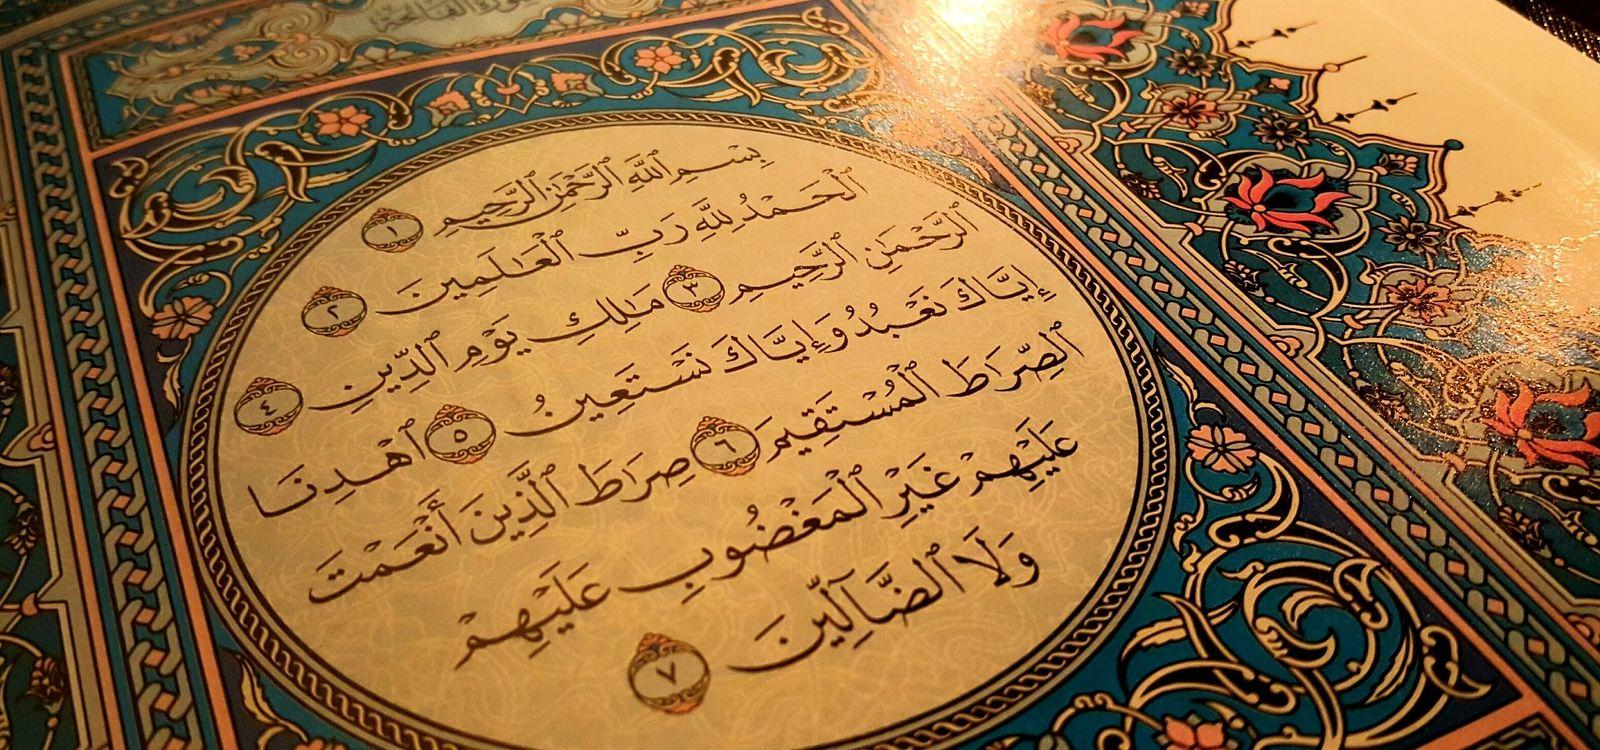 Ochrona Świętego Koranu